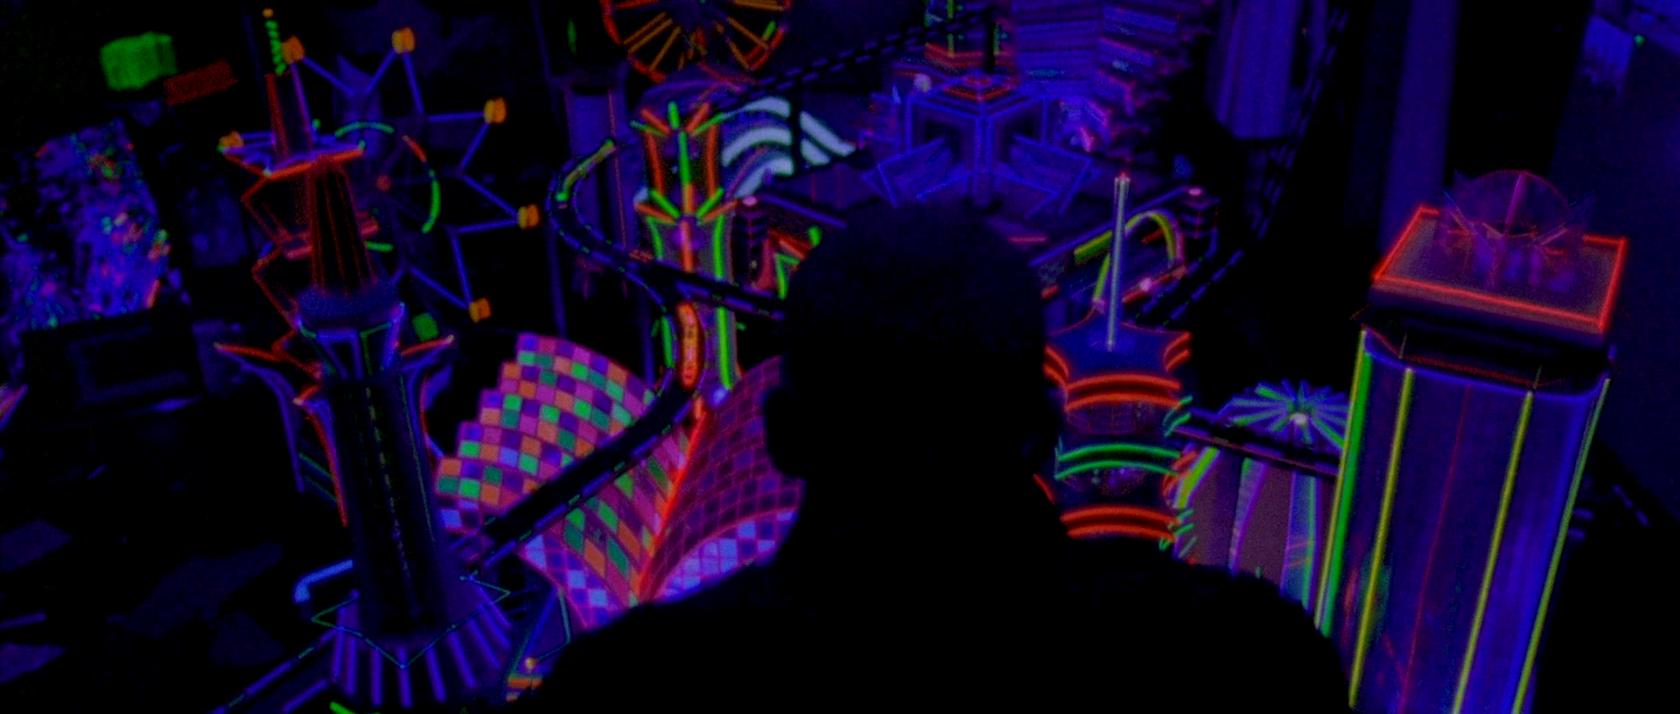 Вход в пустоту кадр из фильма с неоном